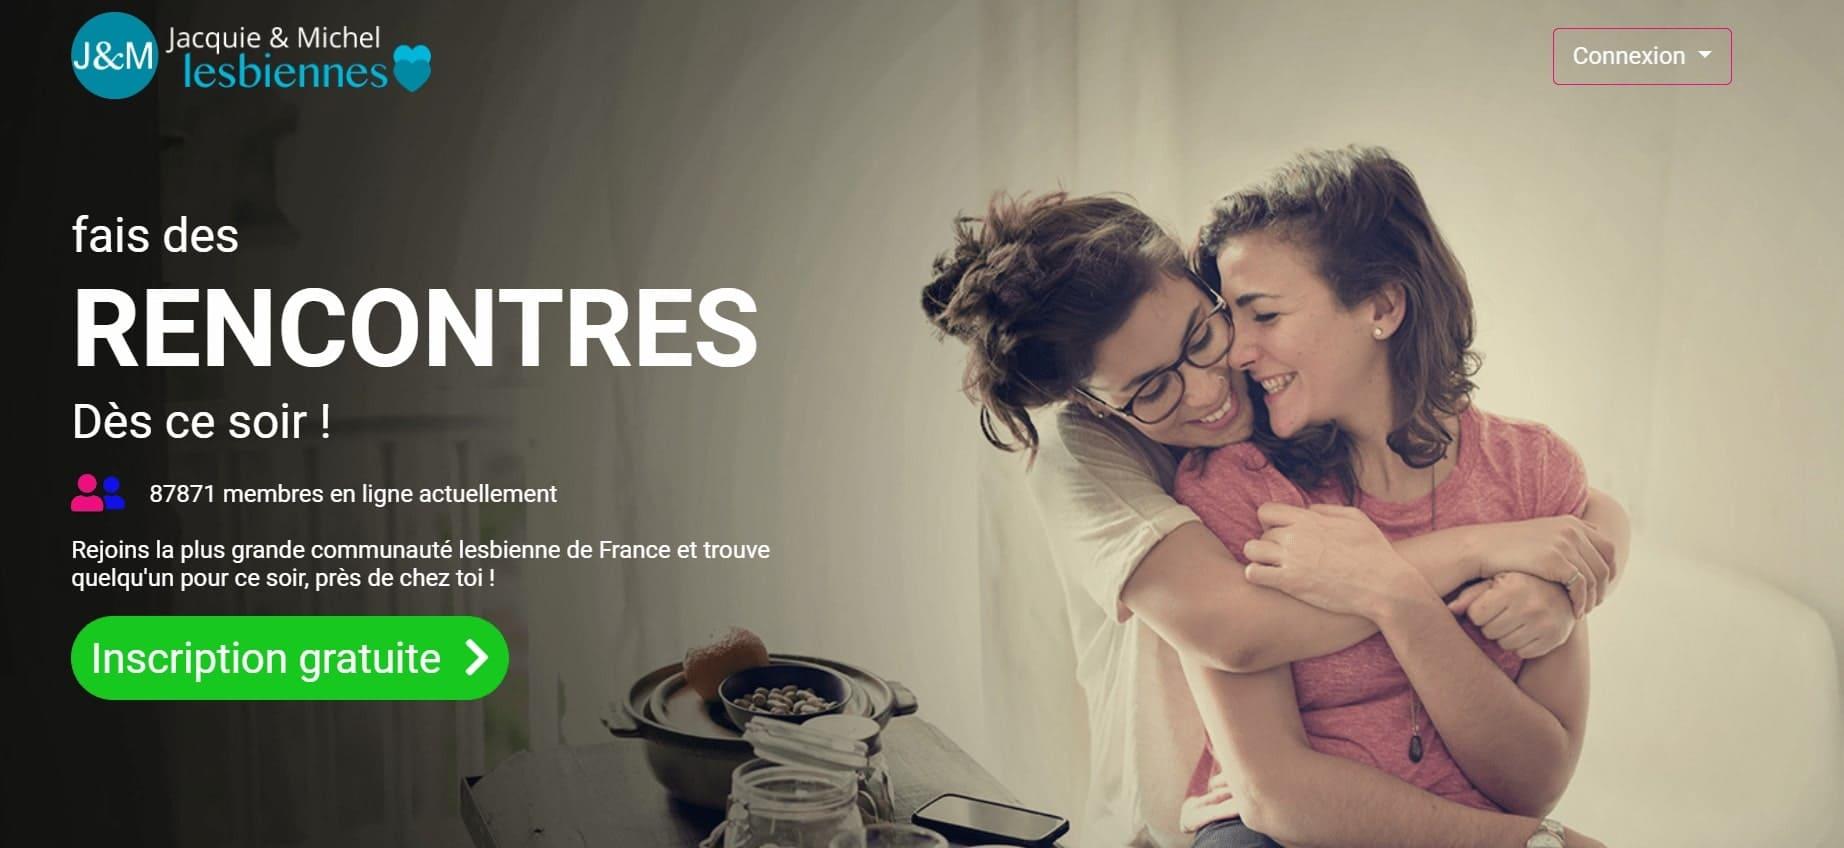 jacquie-et-michel-avis-rencontre-lesbienne-Marseille